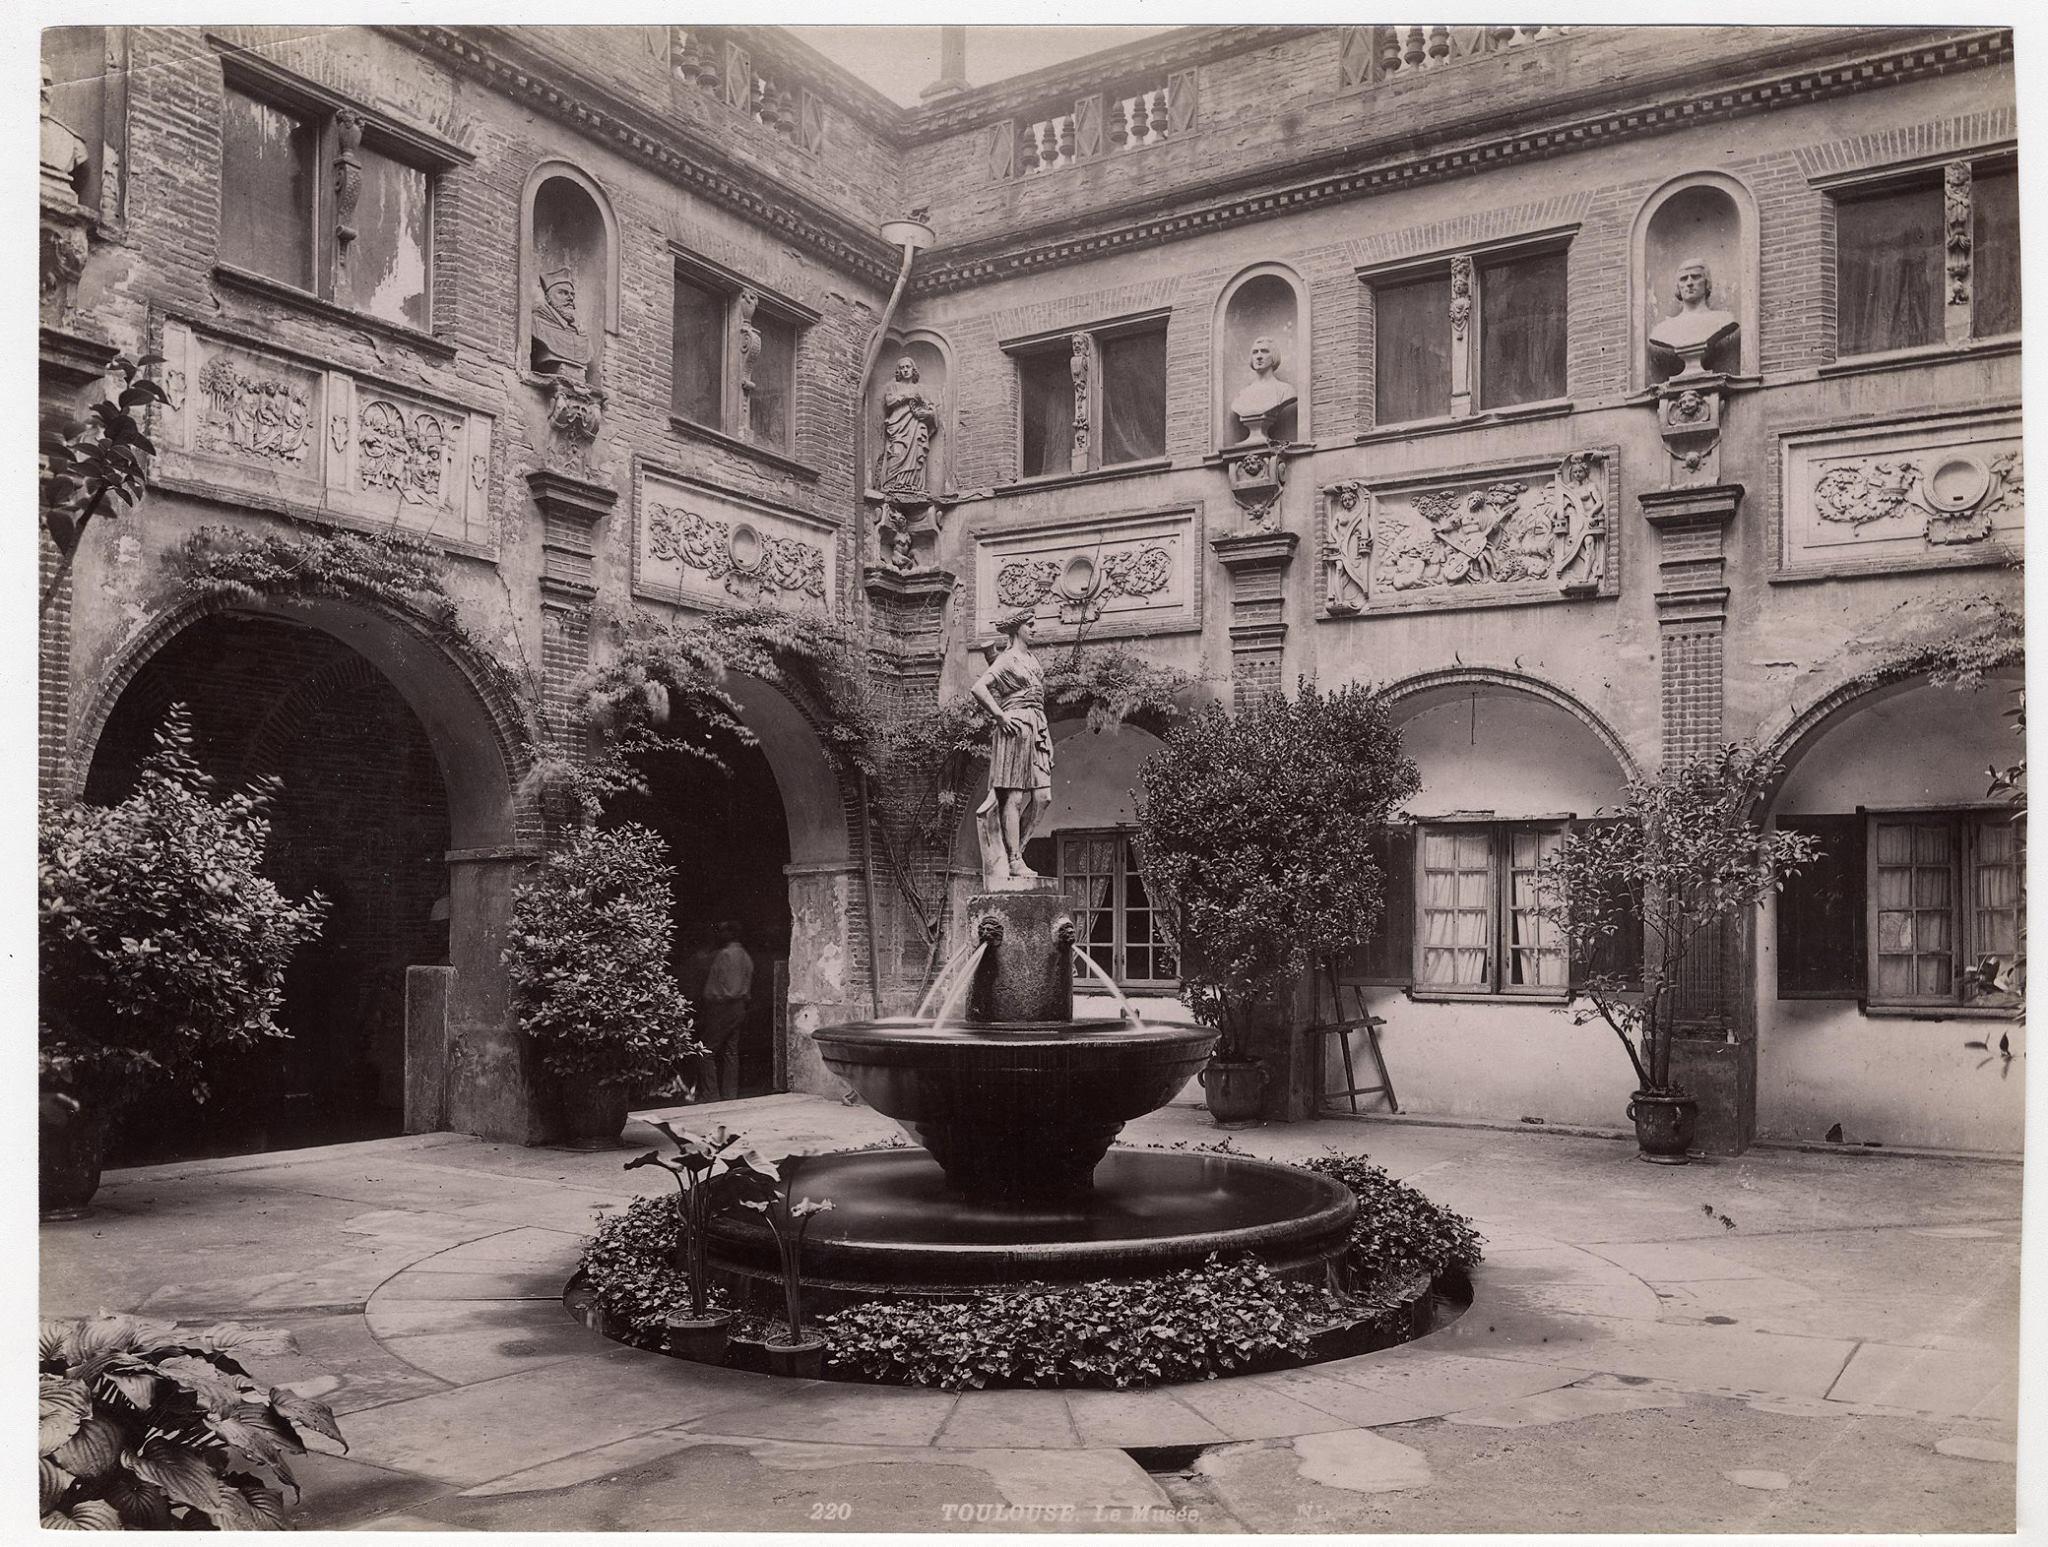 Petit cloitre du Musee des Augustins fin du 19e